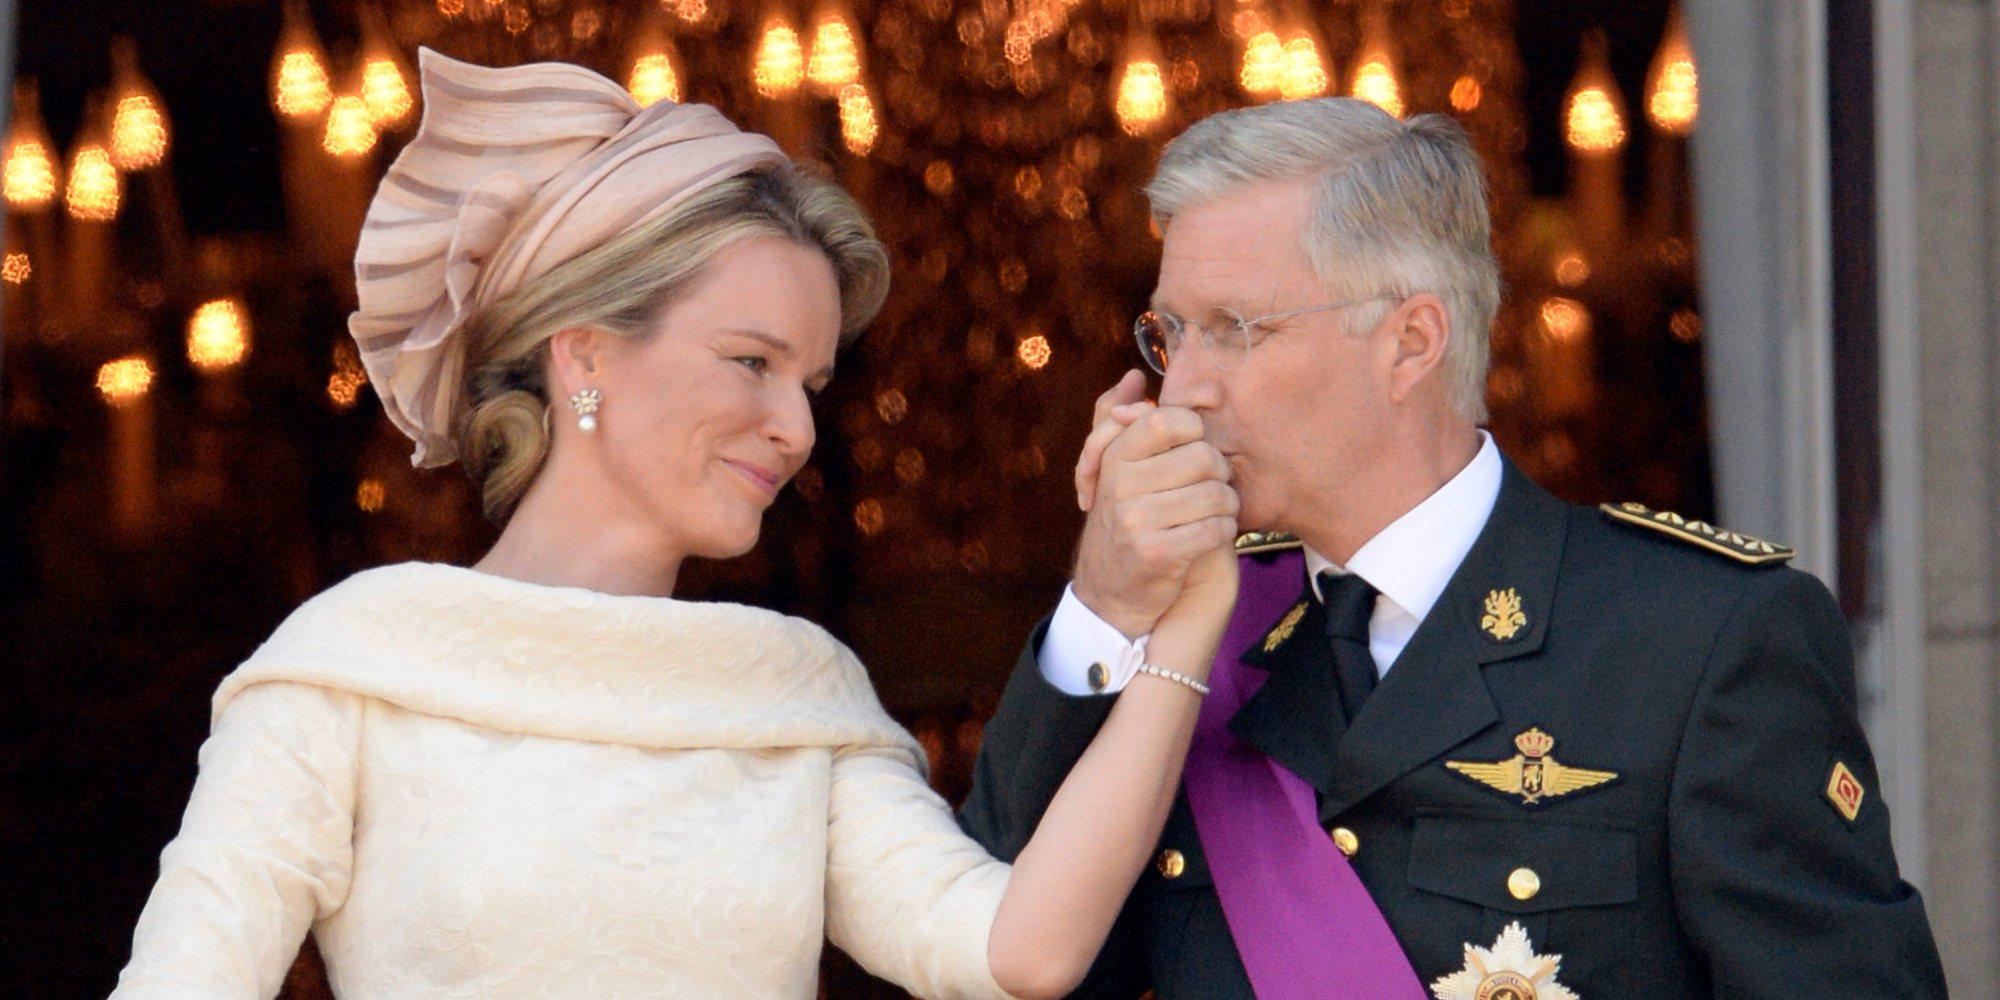 La historia de amor de los Reyes Felipe y Matilde de Bélgica: los salvadores de la Monarquía